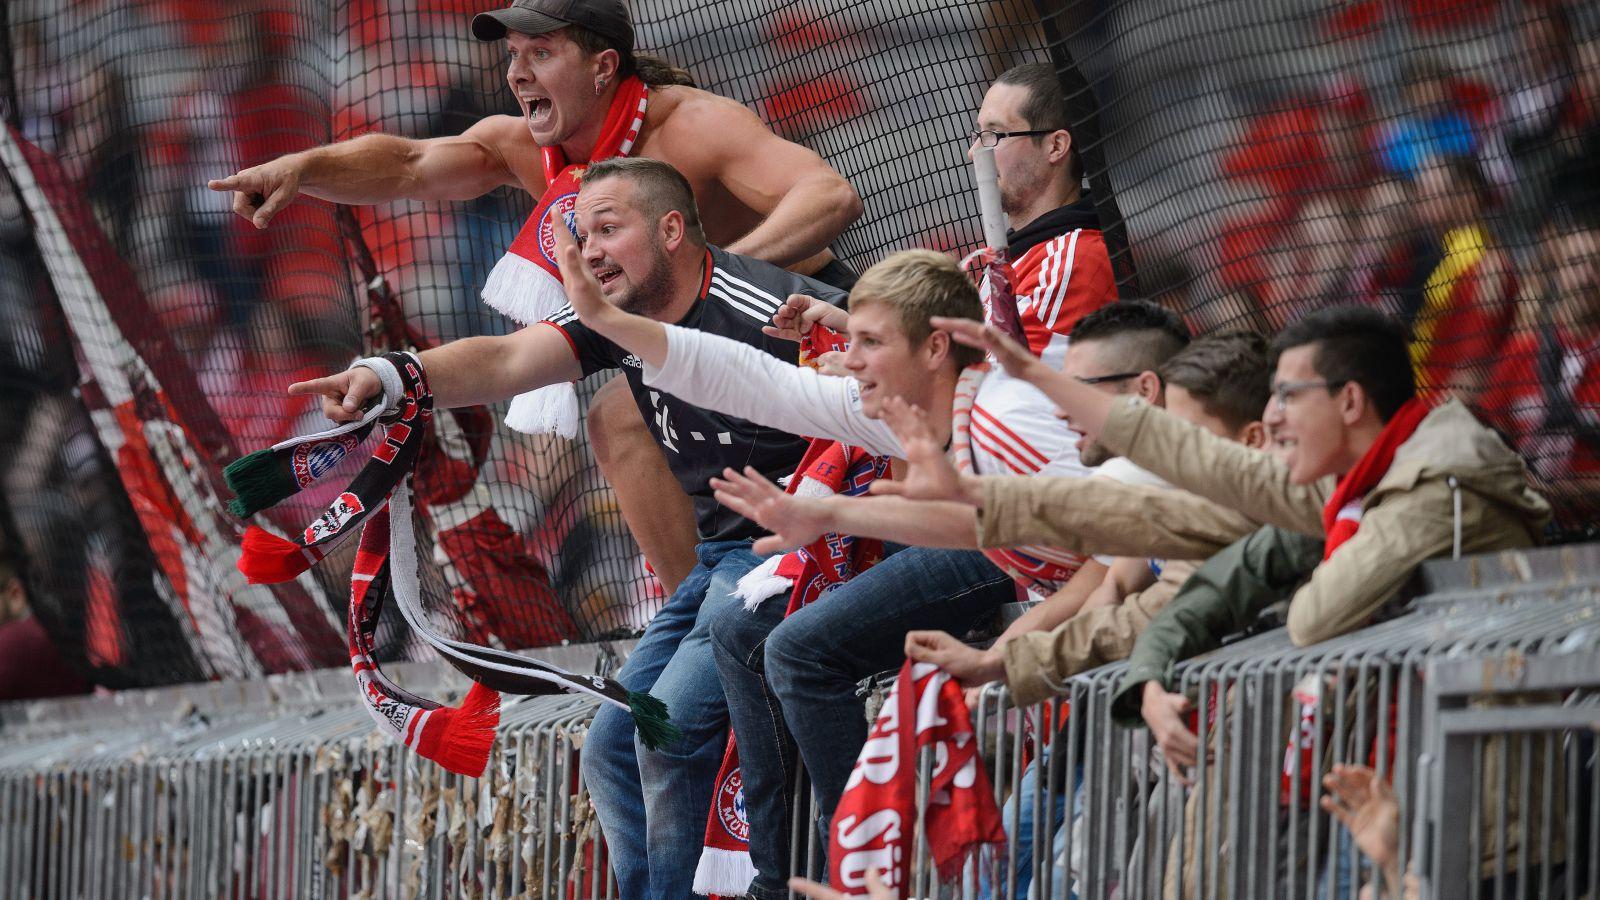 Futbol Maçlarında Yaşanan Homofobik İstismara Ceza Geliyor!